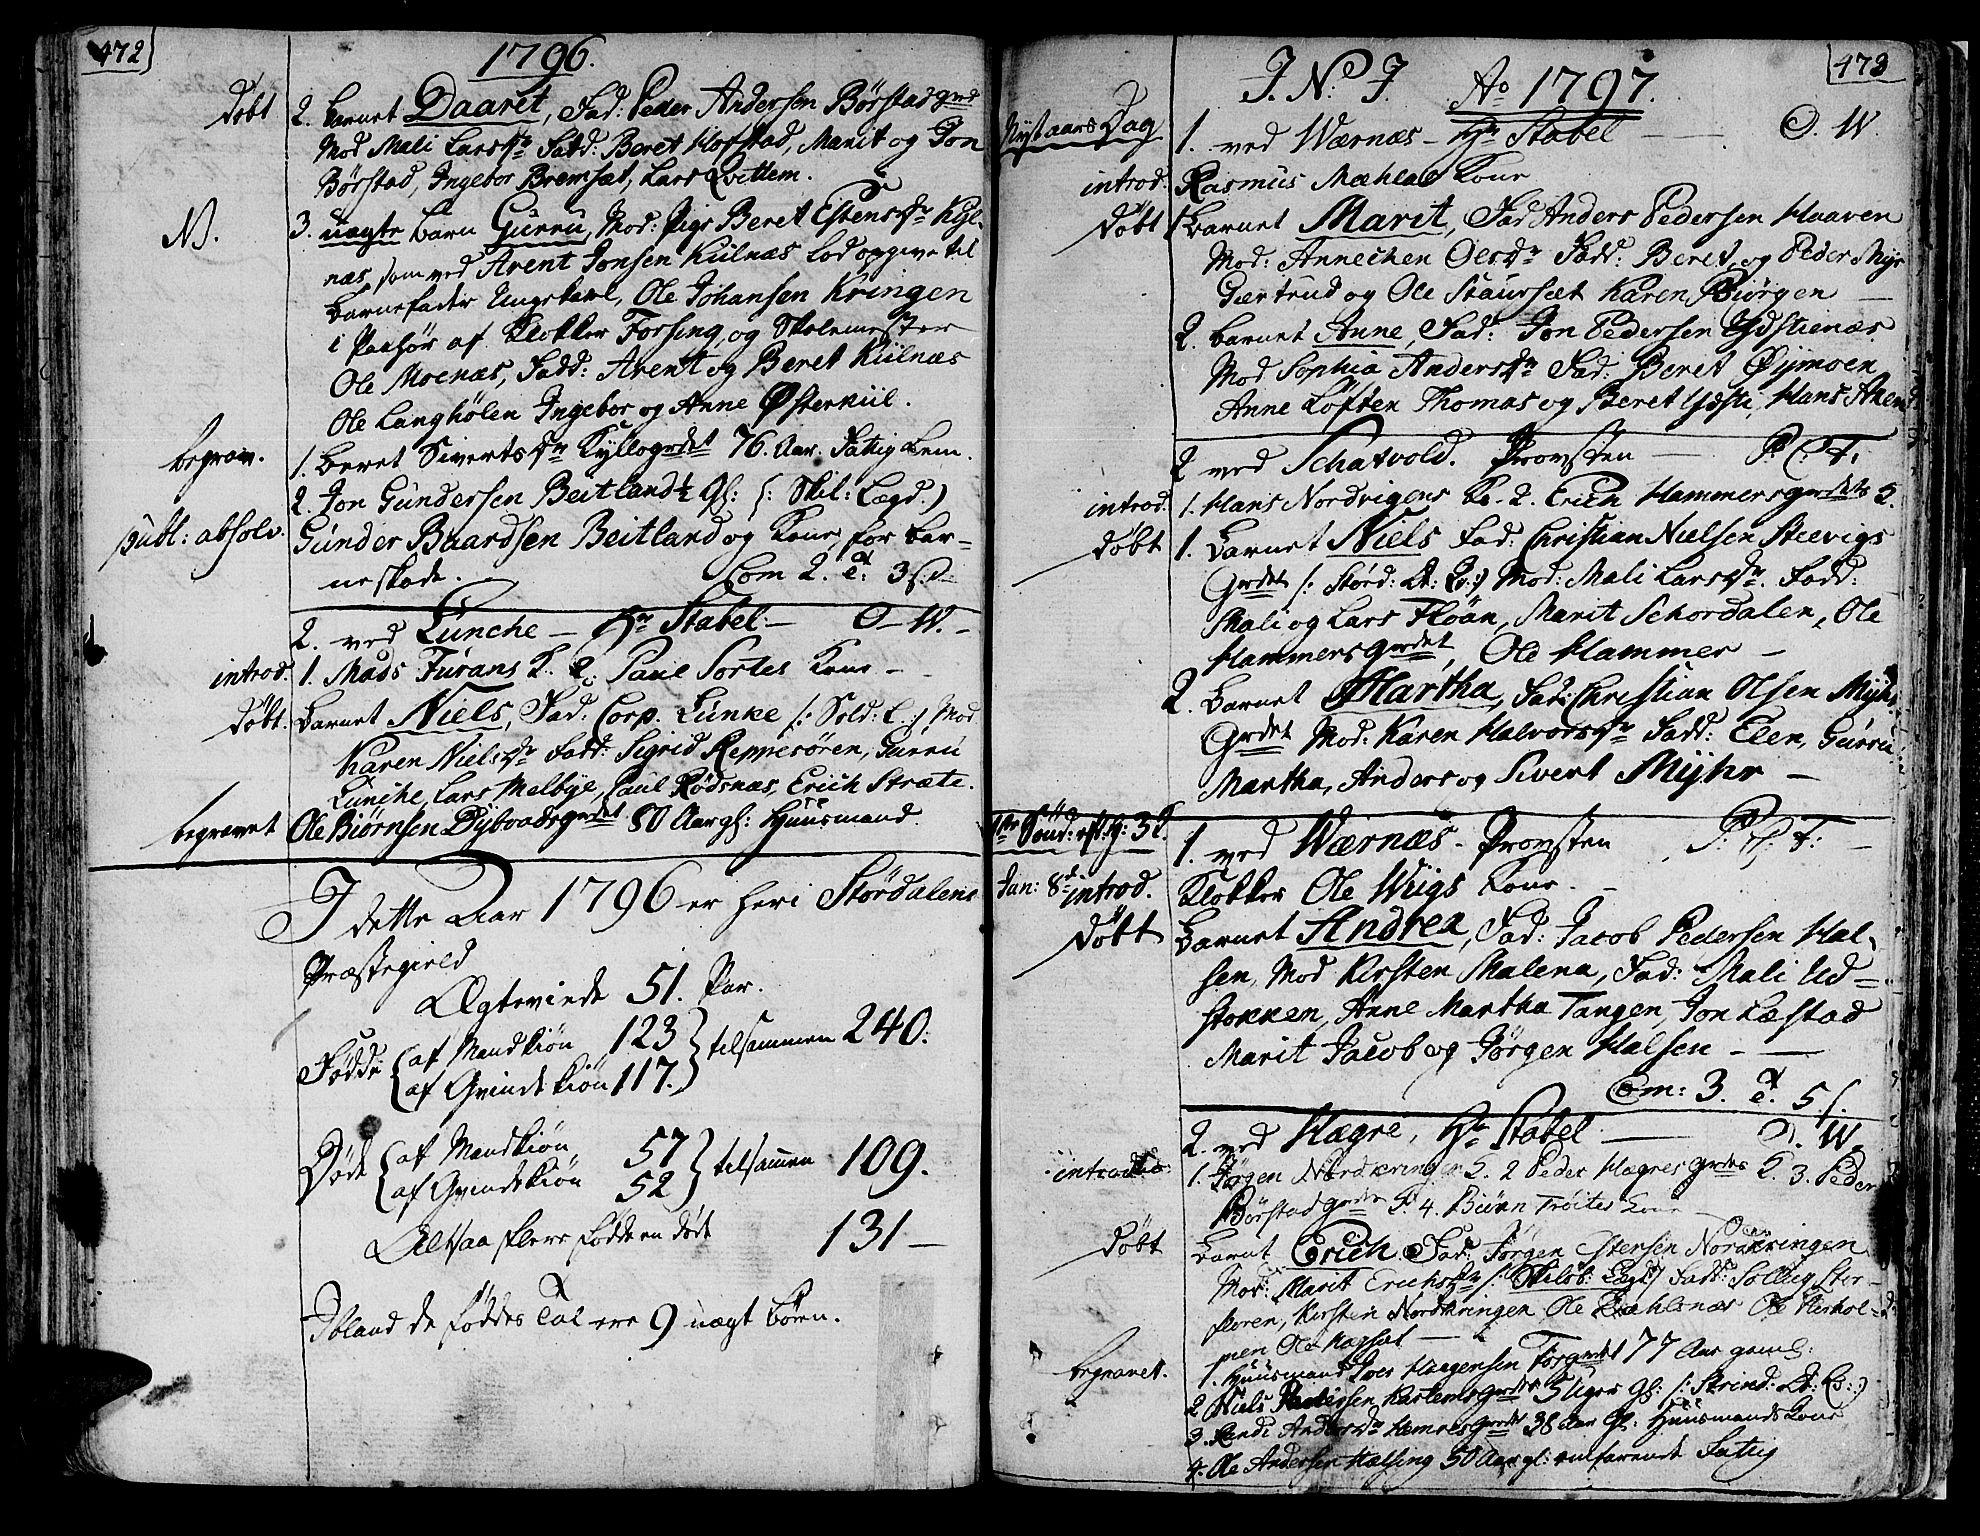 SAT, Ministerialprotokoller, klokkerbøker og fødselsregistre - Nord-Trøndelag, 709/L0059: Ministerialbok nr. 709A06, 1781-1797, s. 472-473